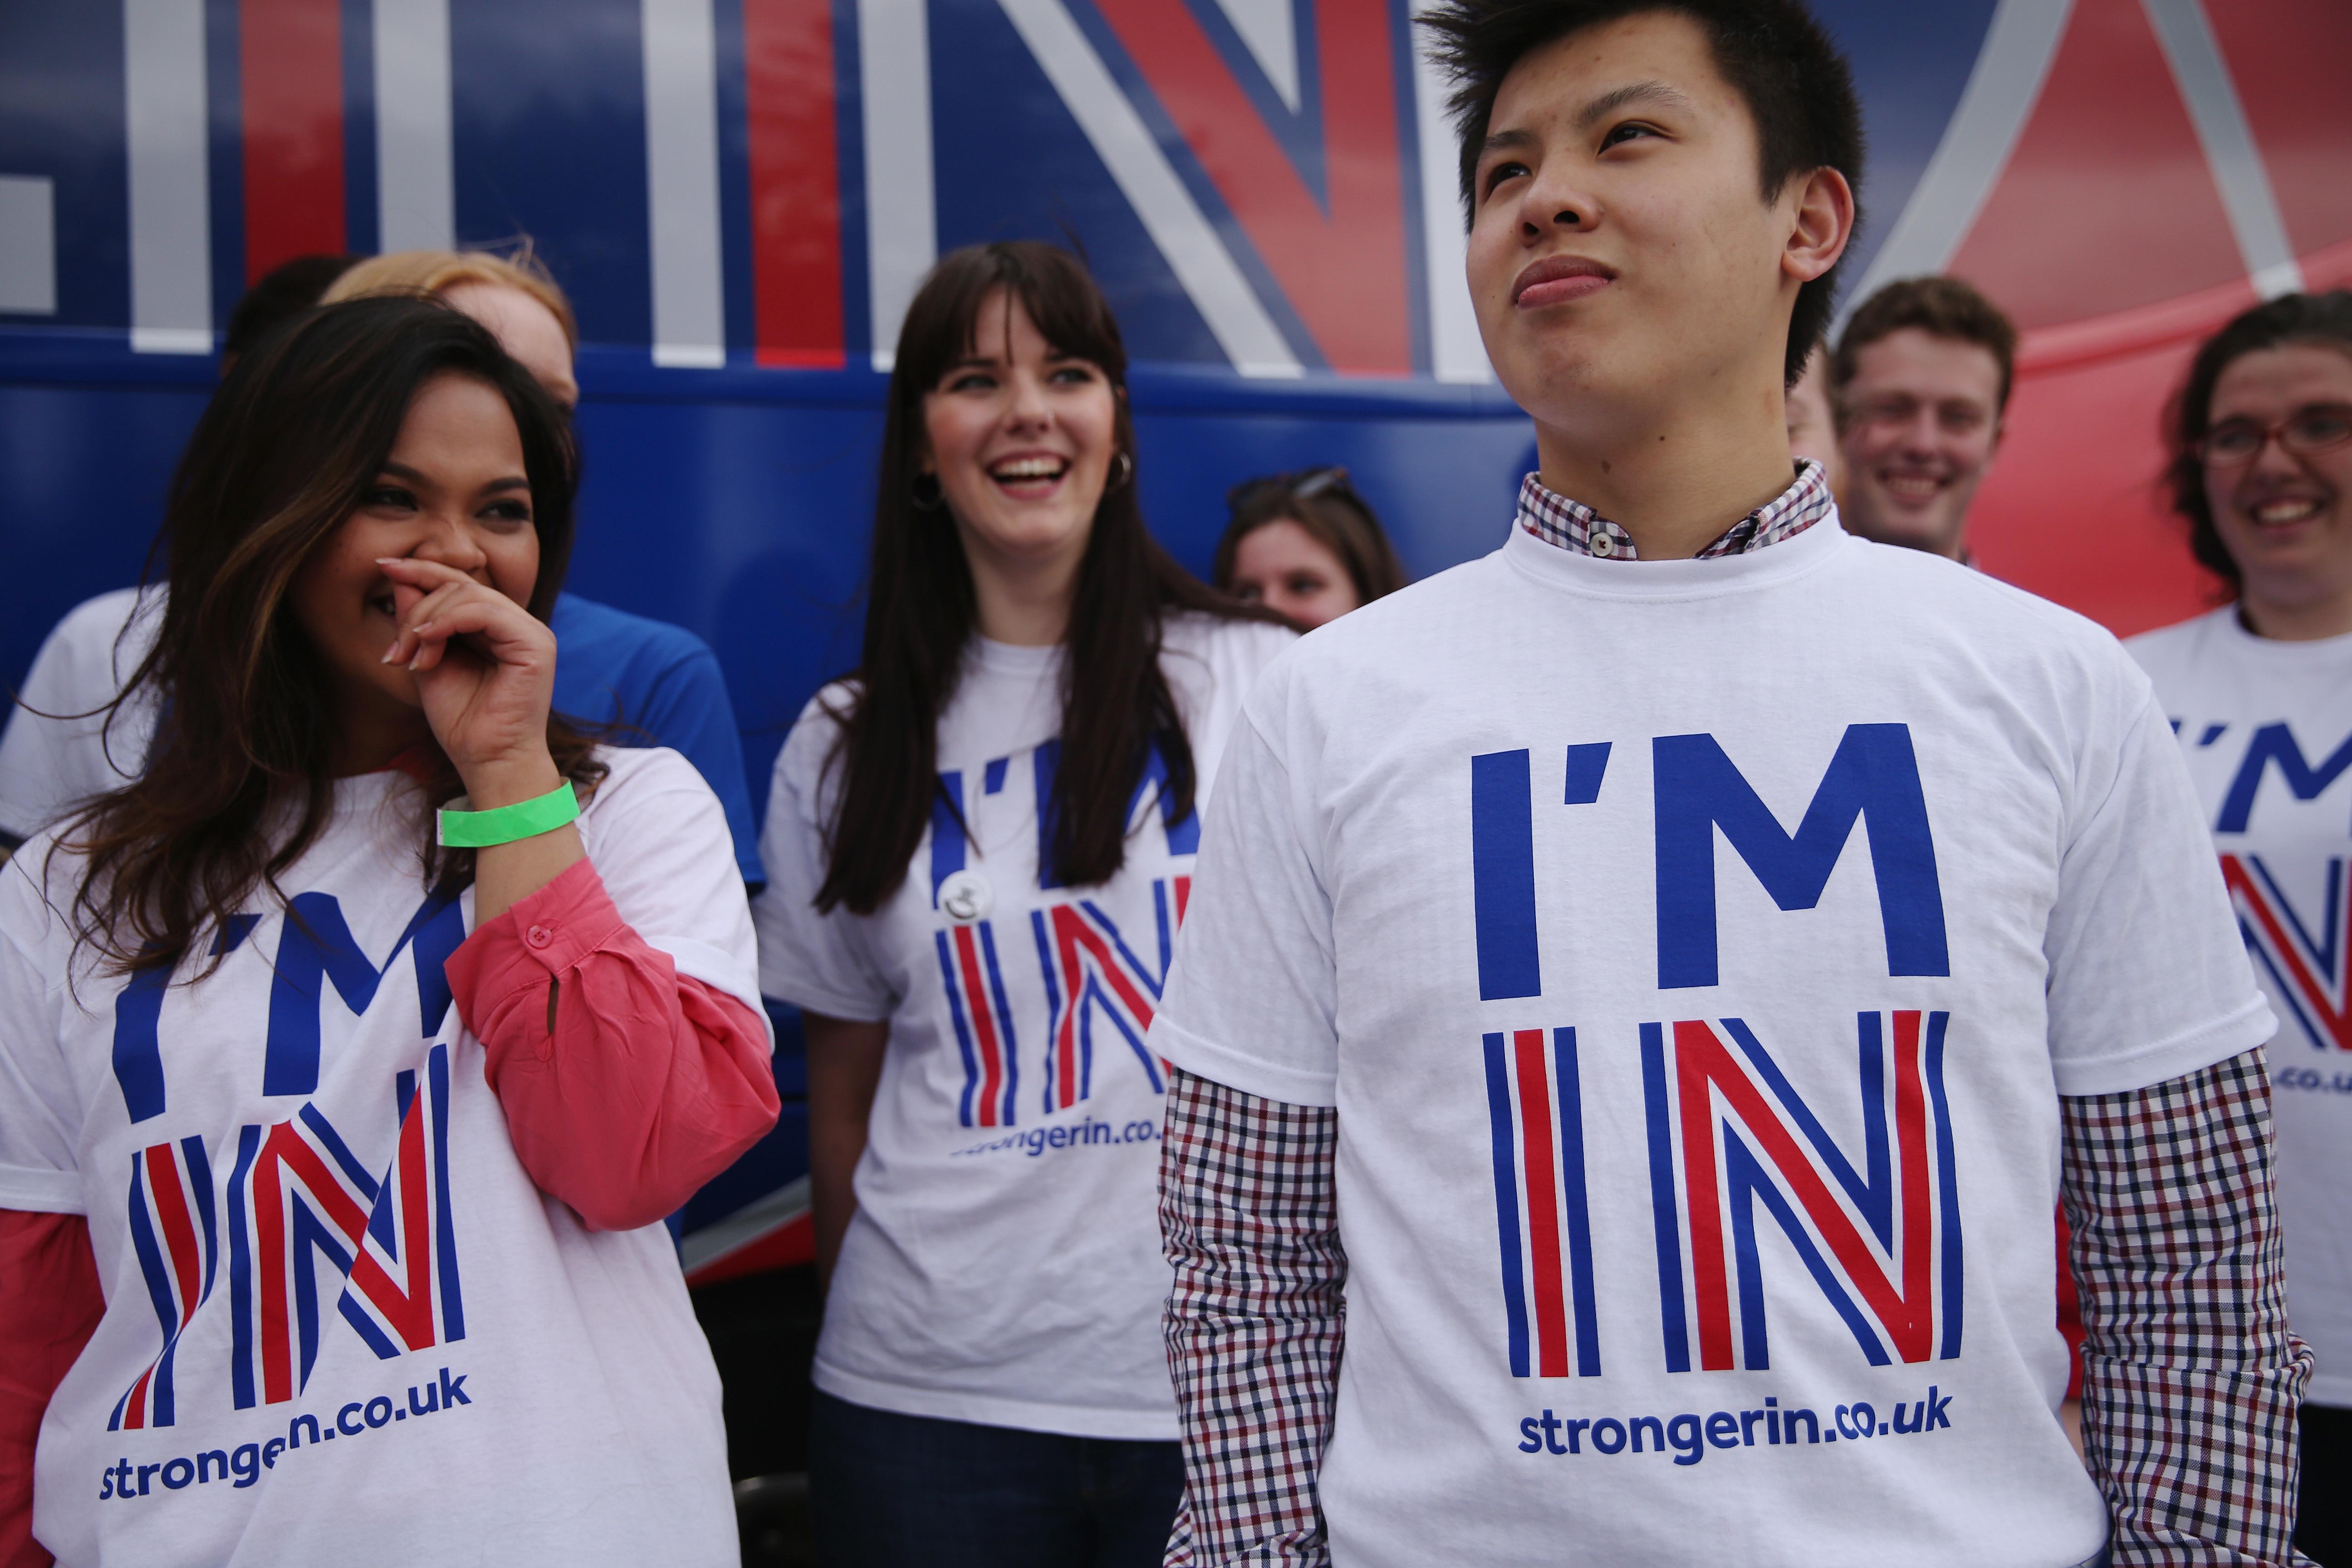 Auch die Universitäten und ihre Studierenden mischen in der Brexit-Debatte kräftig mit.